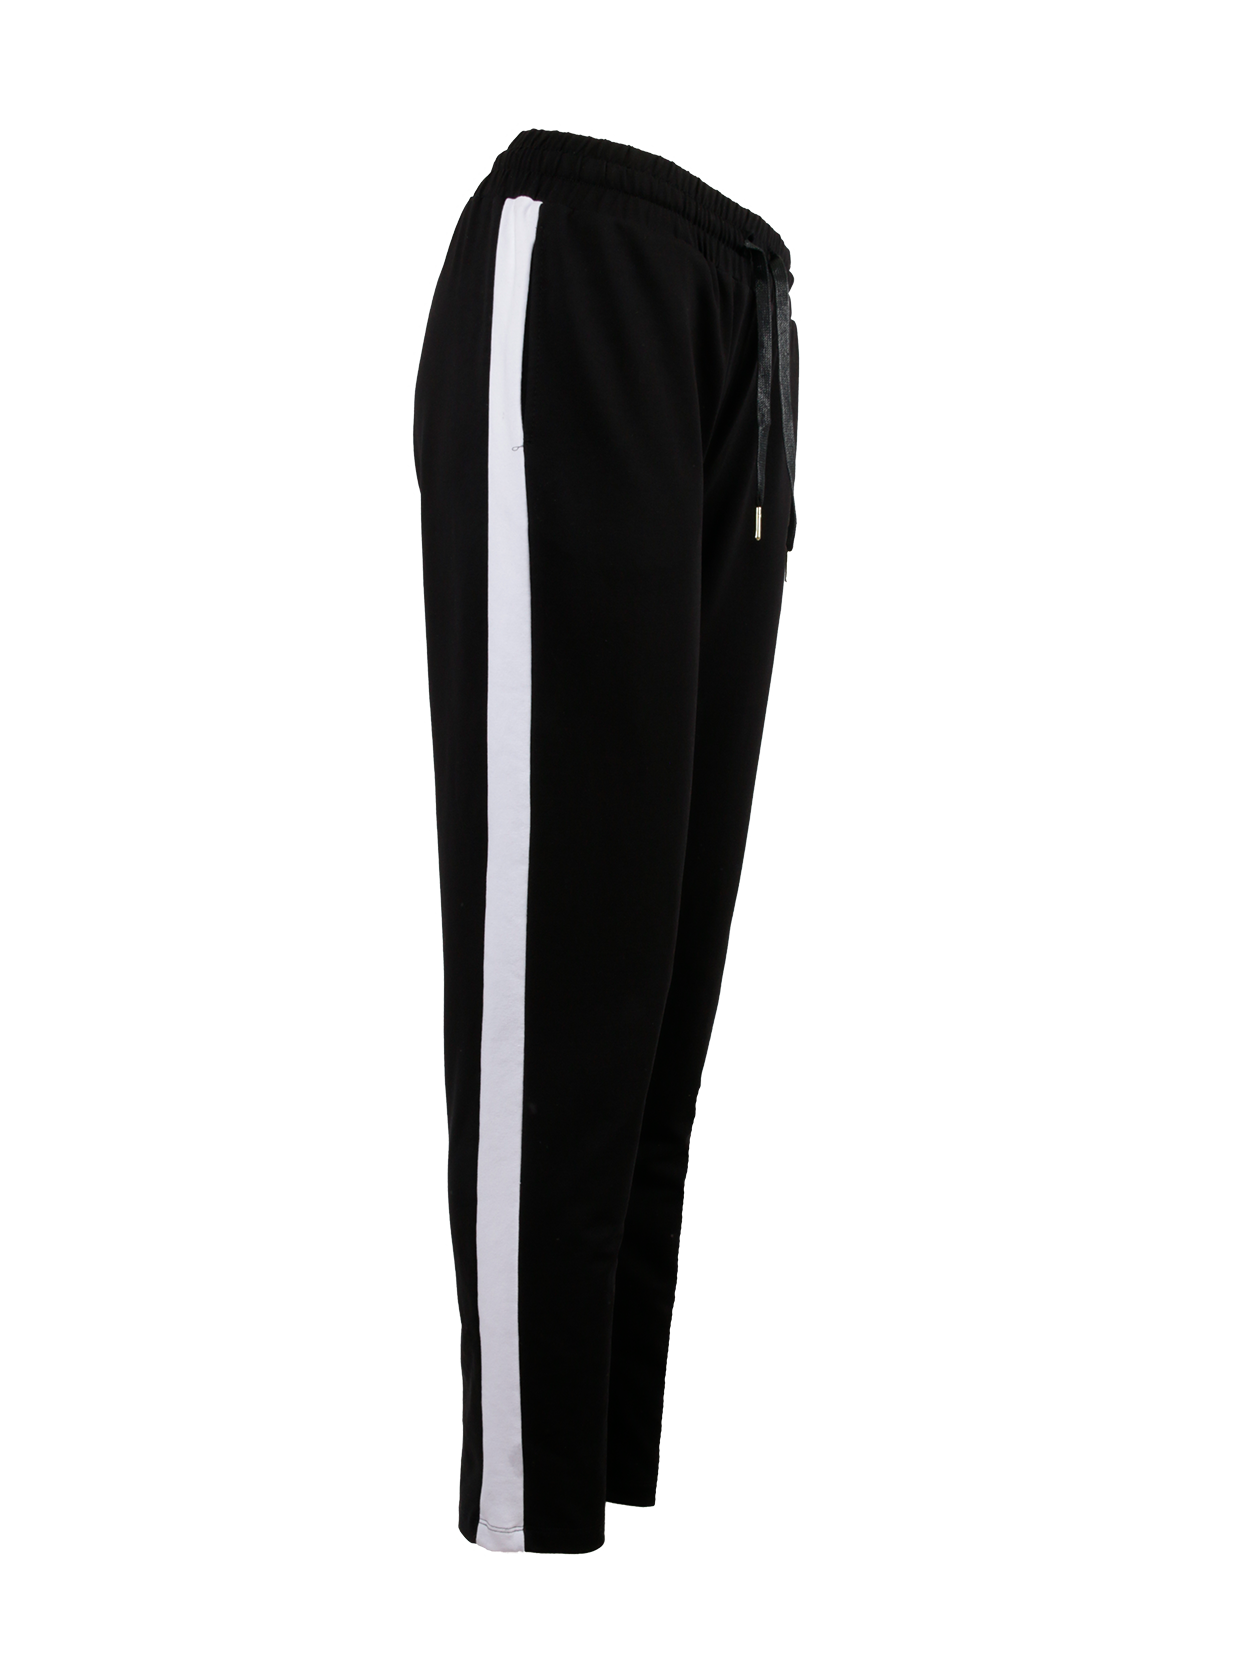 Брюки женские HARAJUKUБрюки женские Harajuku универсального черного цвета – модный хит от бренда Black Star Wear. Модель спортивного стиля идеально подходит для активной деятельности, отдыха и повседневной носки. Крой изделия прямой, полуоблегающий, имеется небольшой припуск. На поясе оформлена широкая фиксирующая резинка и завязки. Дизайн дополнен вертикальными боковыми вставками белого цвета. При изготовлении брюк использован 100% хлопок элитного качества, гарантирующий практичность и долговечность изделия.<br><br>Размер: M<br>Цвет: Черный/Белый<br>Пол: Женский